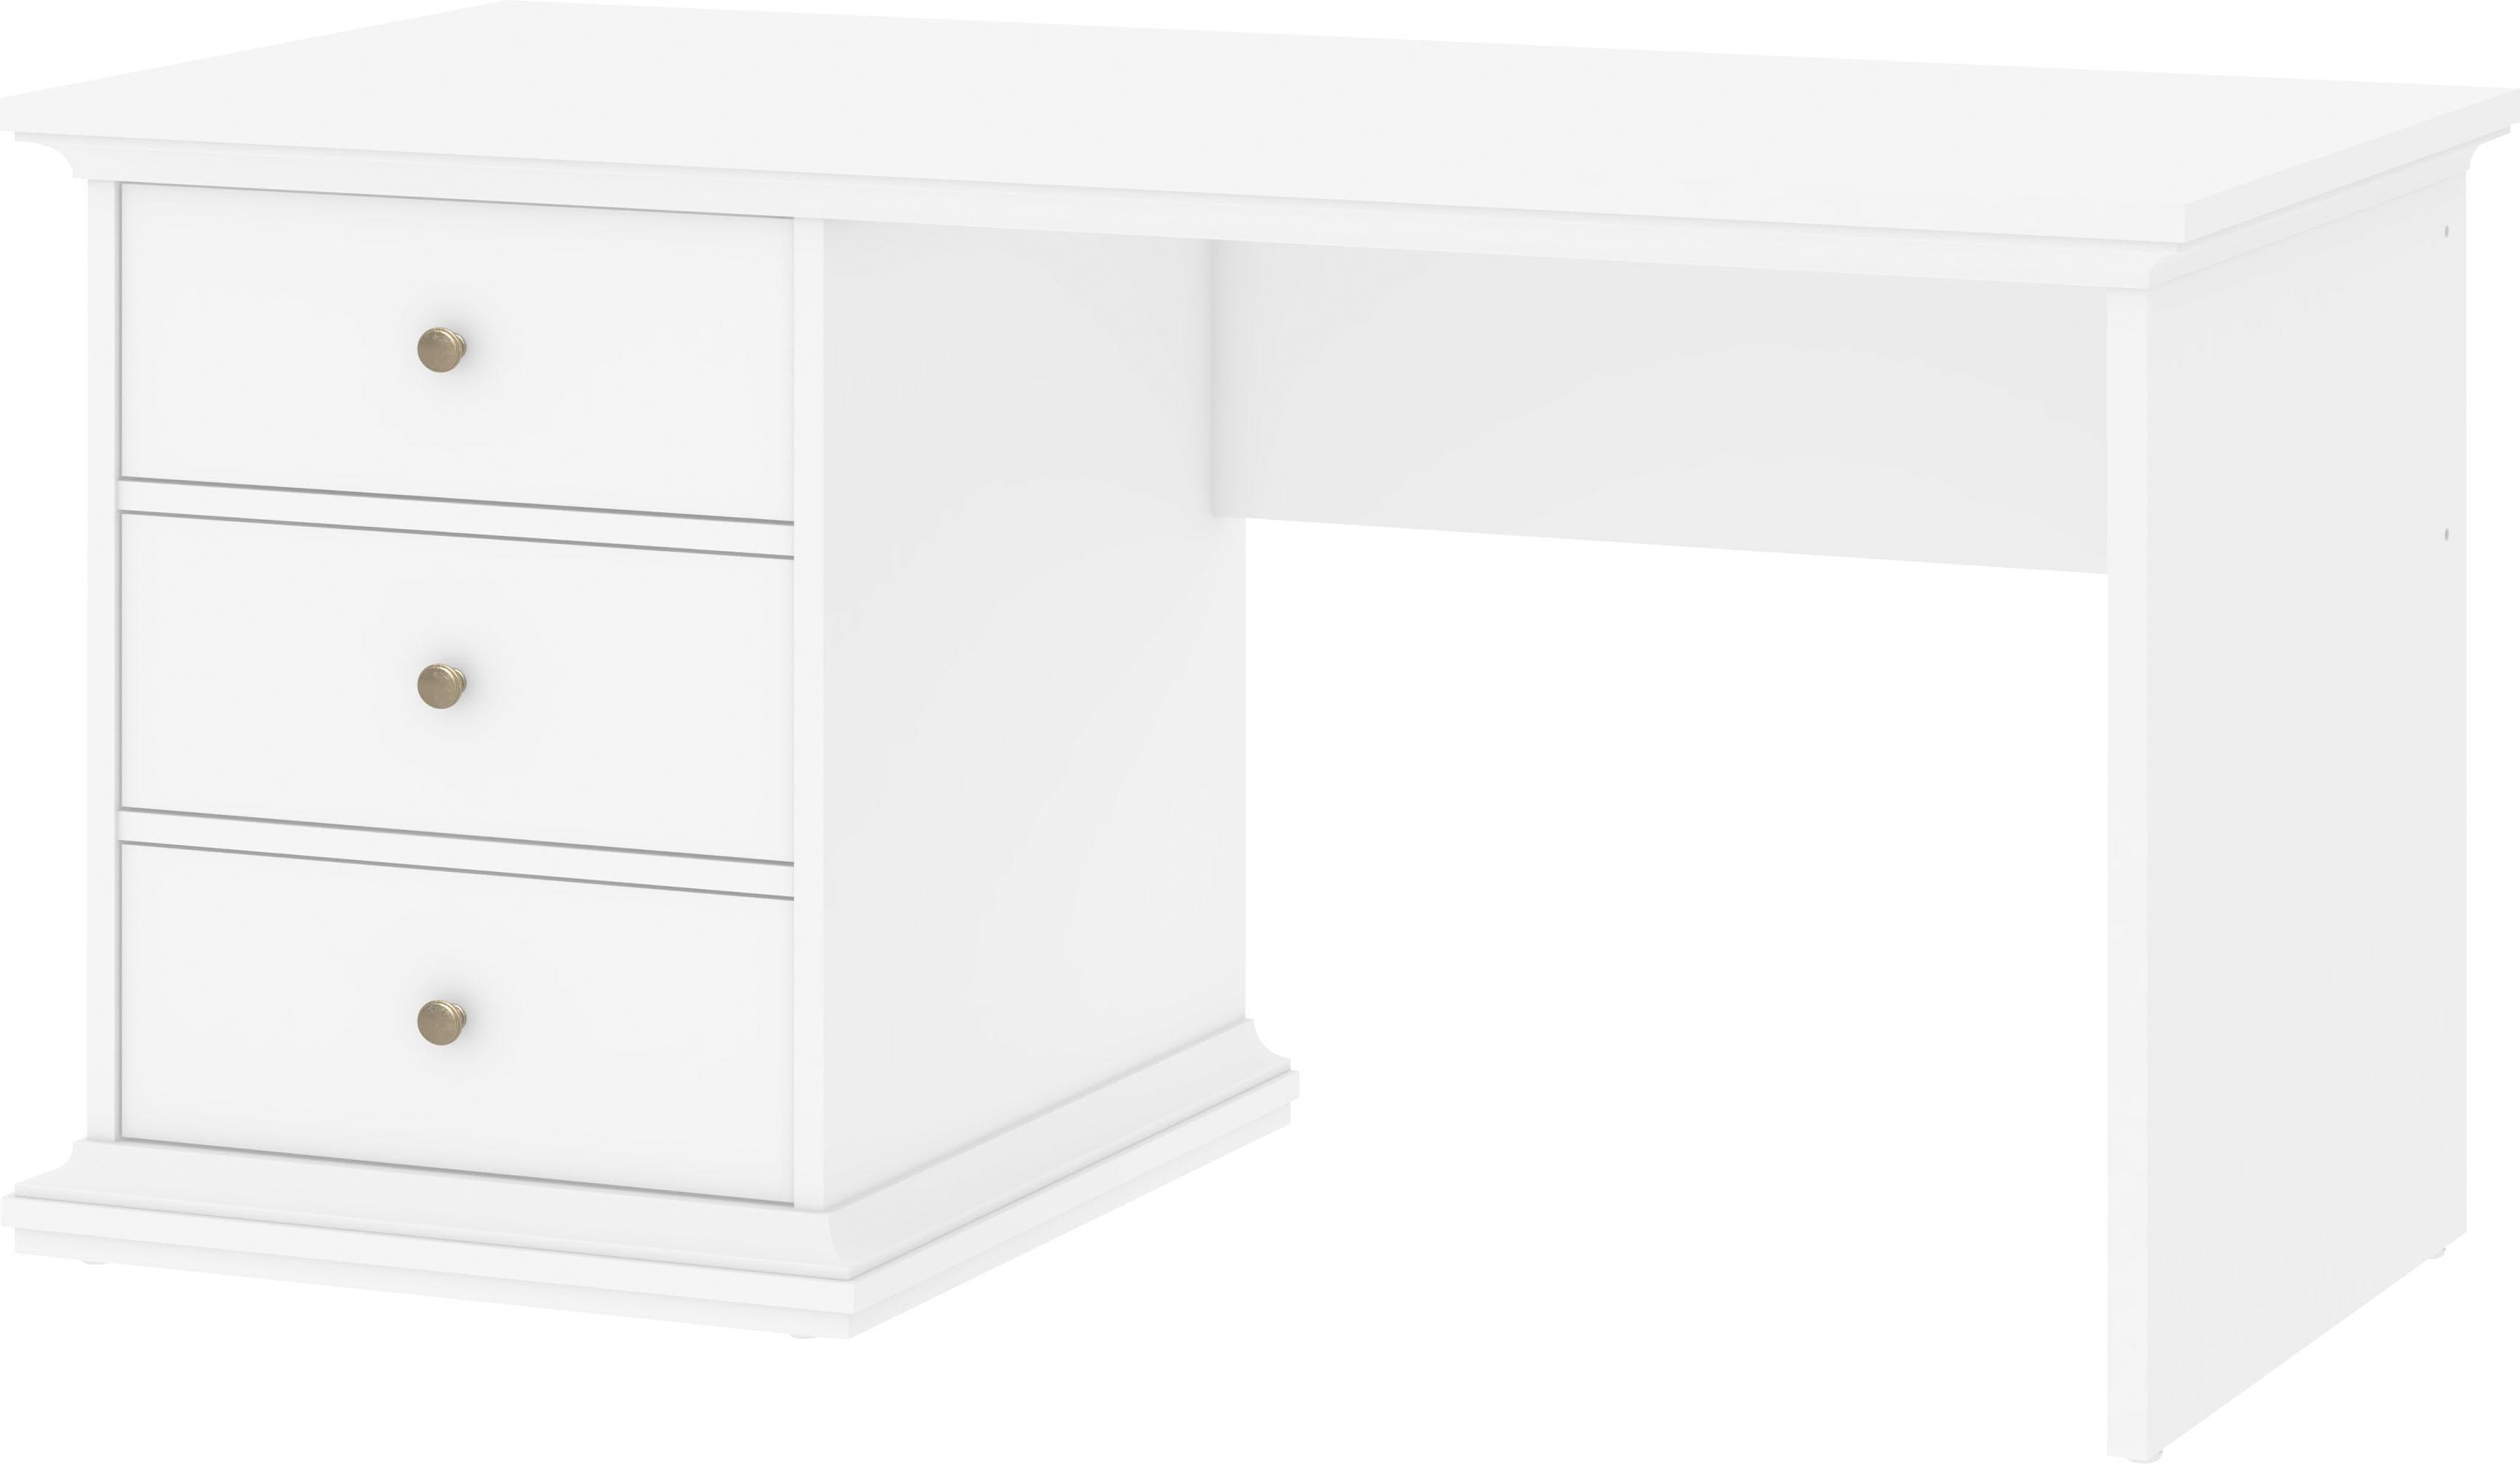 Home affaire Schreibtisch Paris mit 3 abschließbaren Schubladen für freie Raumstellung geeignet Breite 130 cm